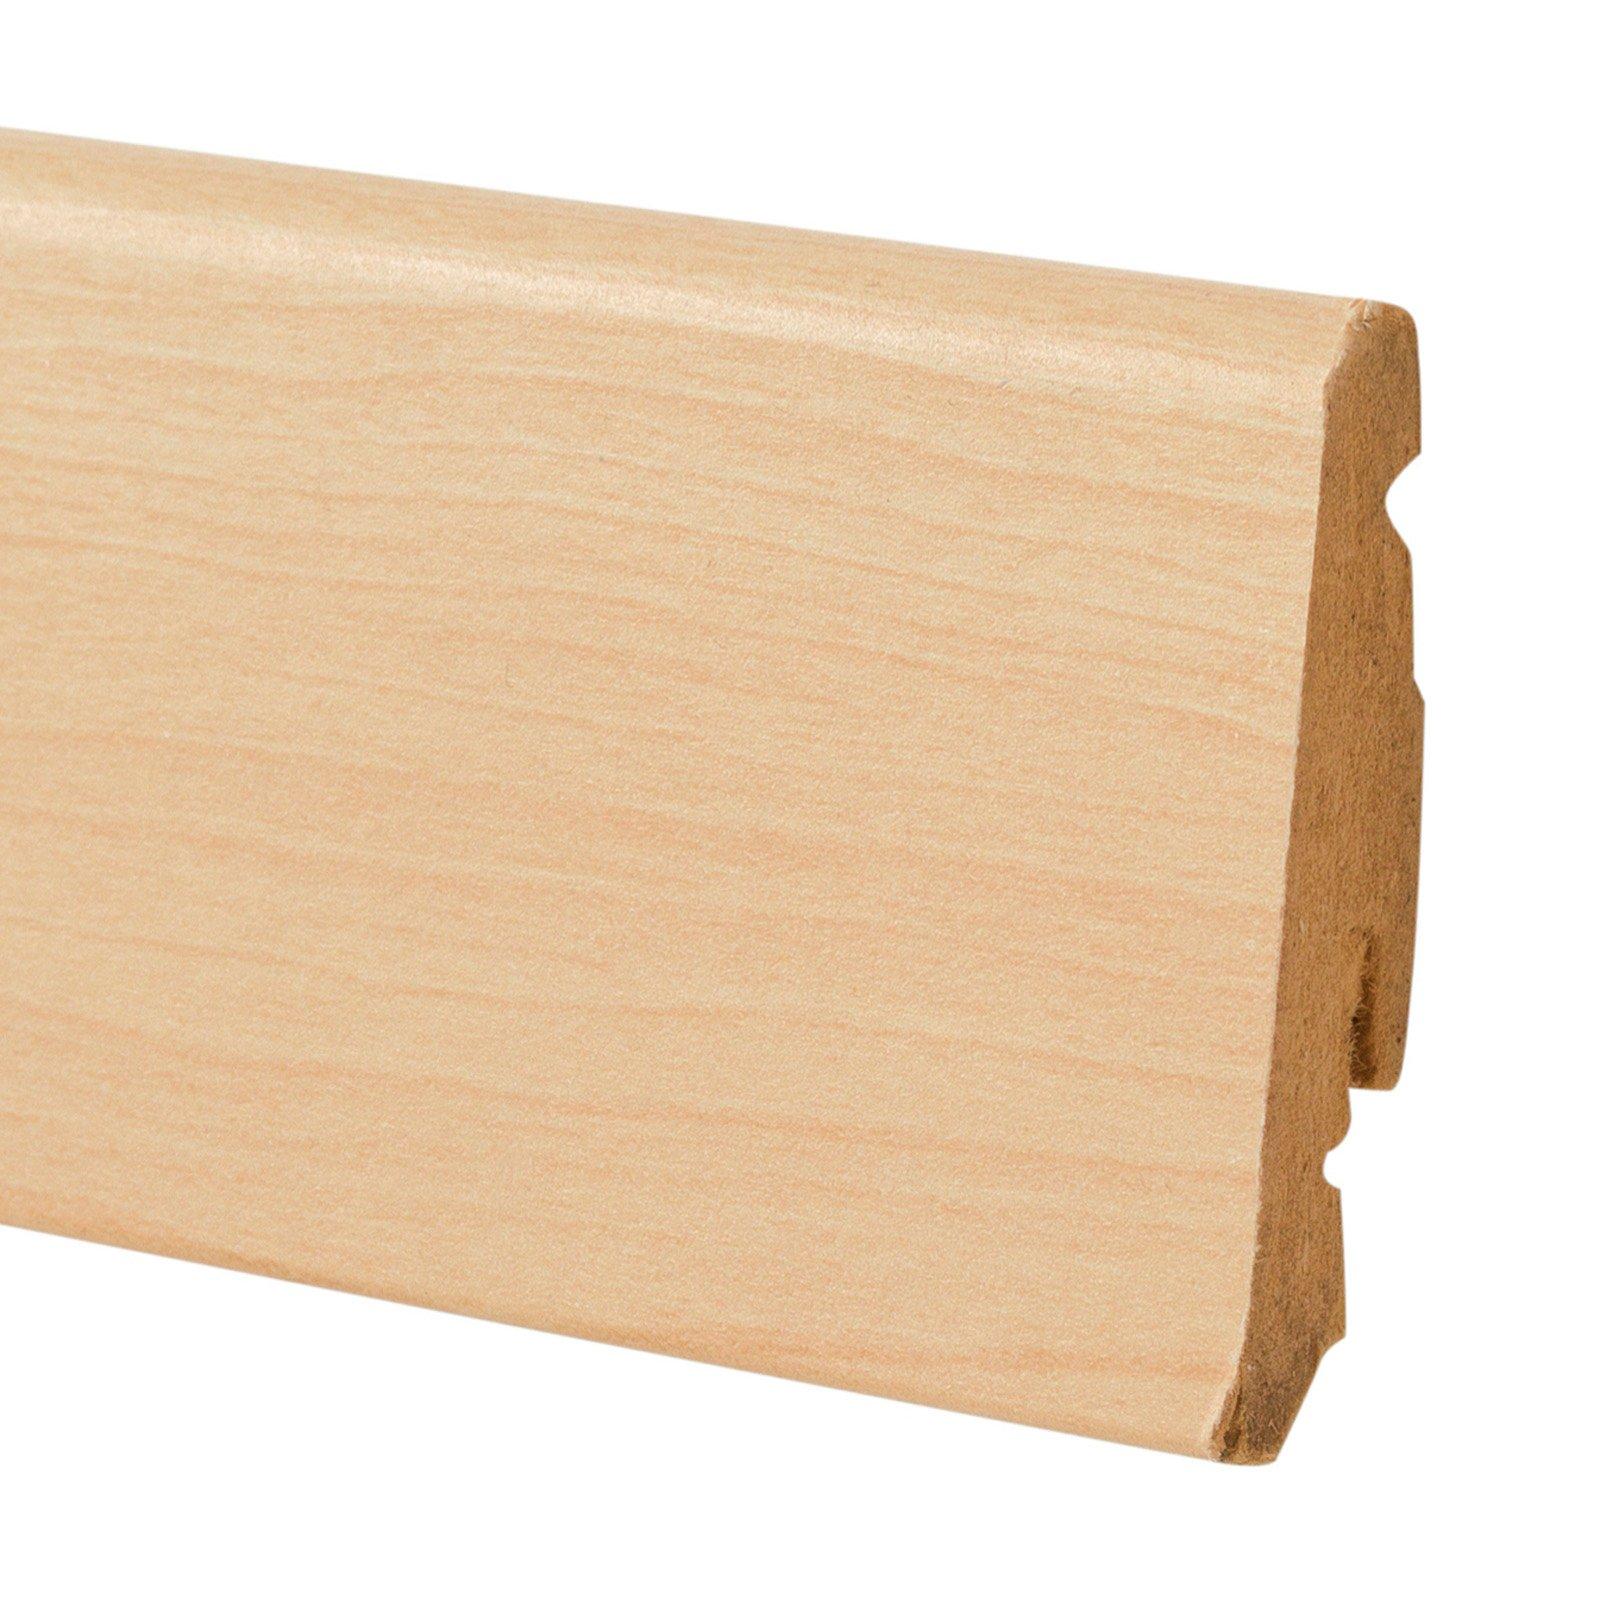 Come scegliere il battiscopa cose di casa - Pavimenti legno ikea ...